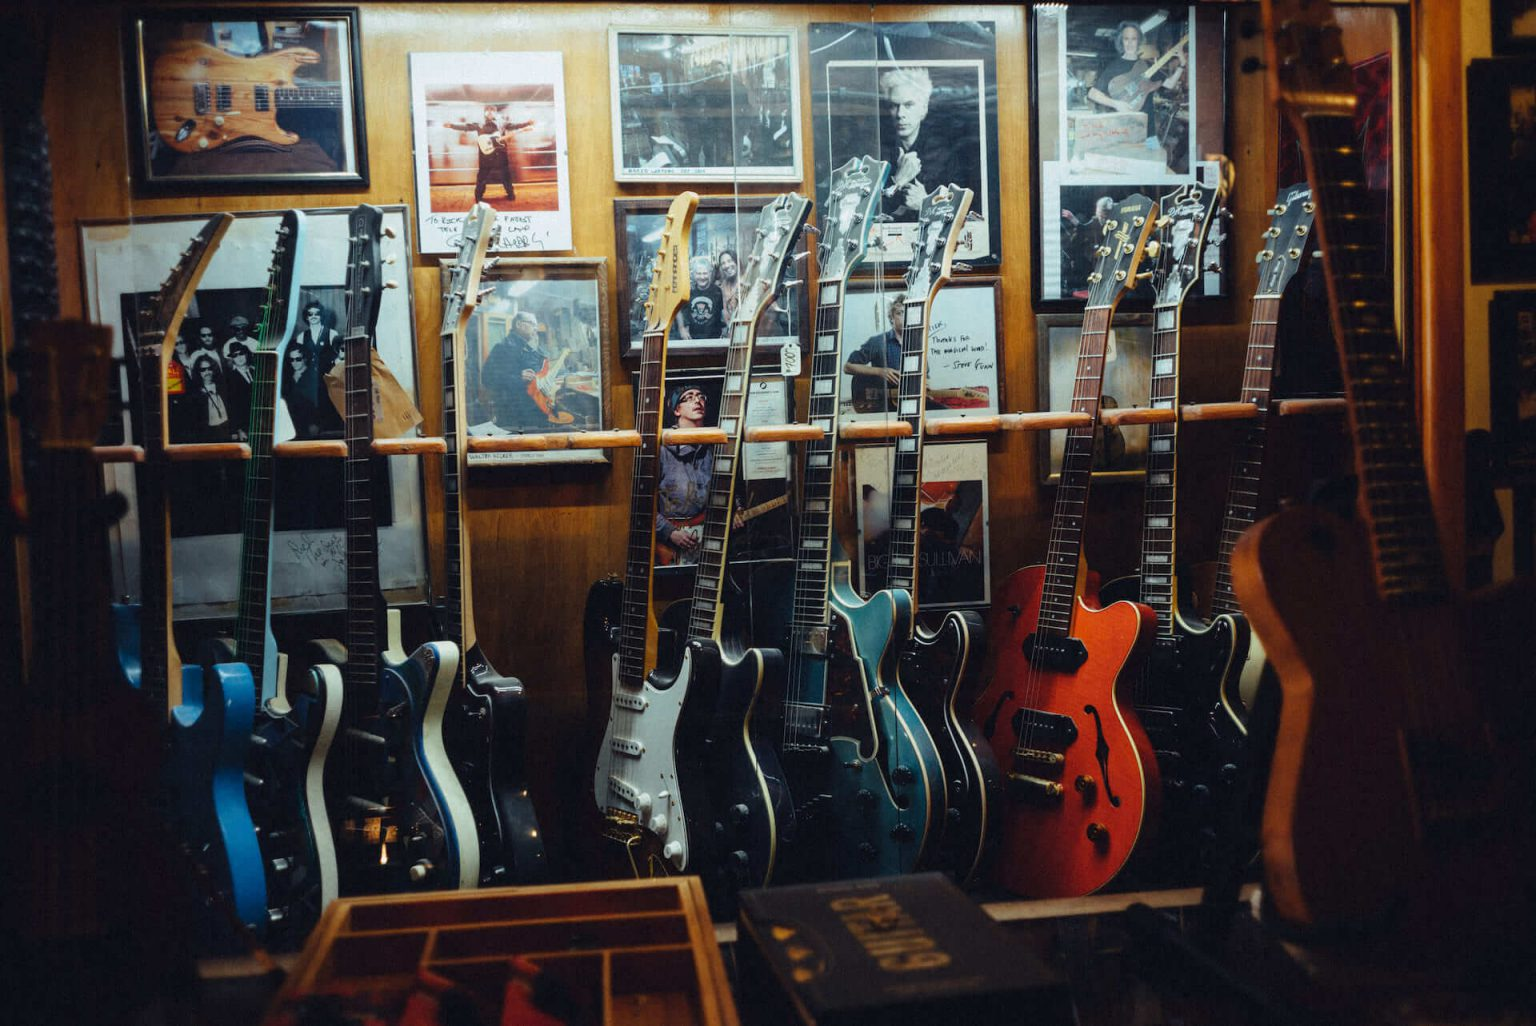 9_820_AT_CarmineStreetGuitars-1440x962 歴史が染みついた建築物でギターを作る「Carmine Street Guitars」ギター職人の工房と、シティの限られた行き先